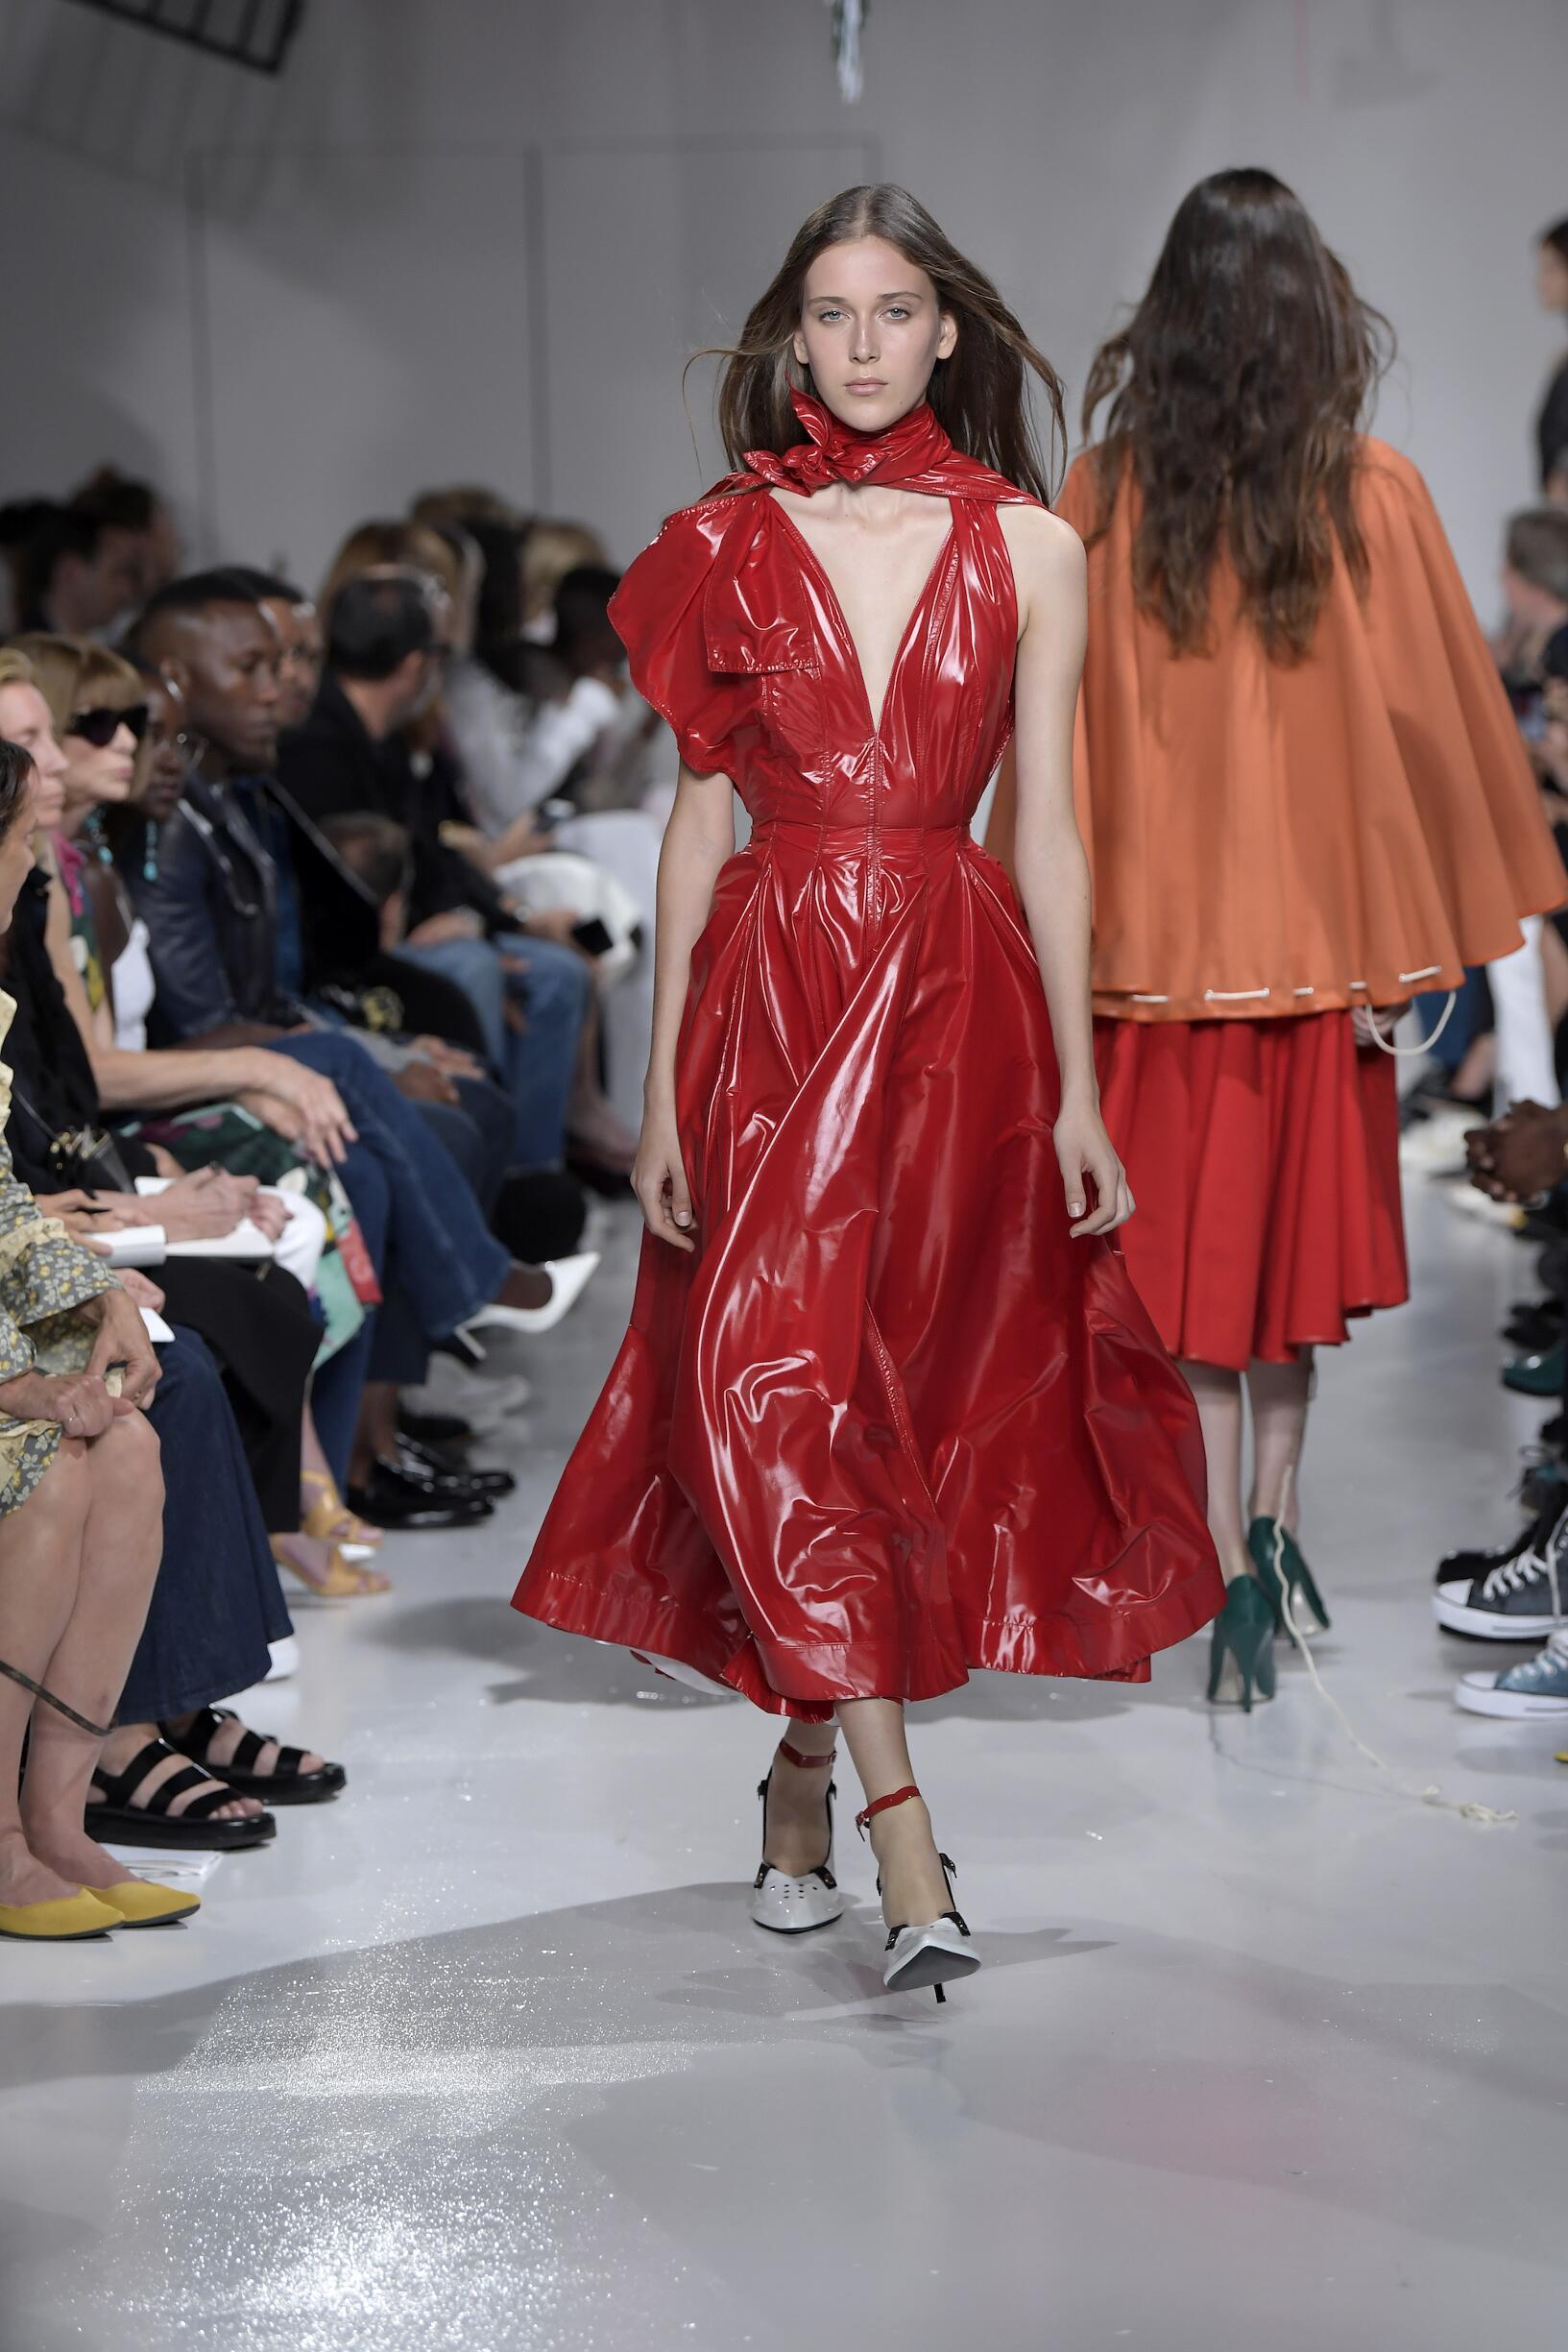 Fashion 2018 Catwalk Calvin Klein 205W39NYC